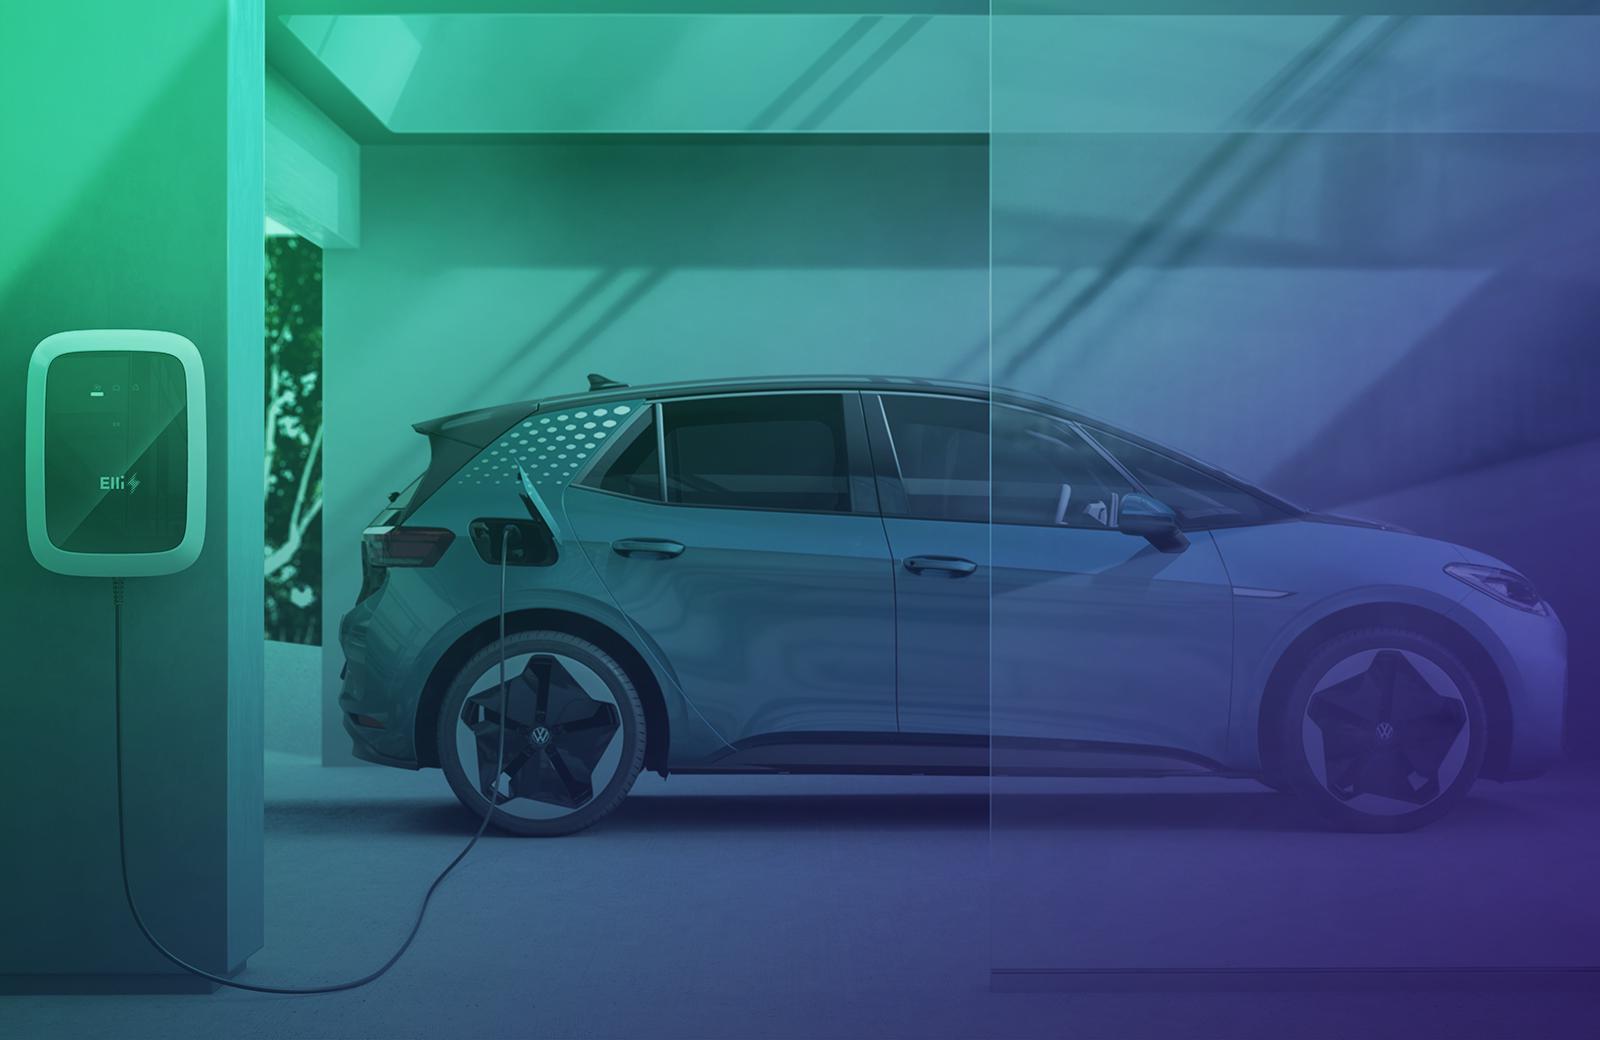 Elektroauto zuhause aufladen